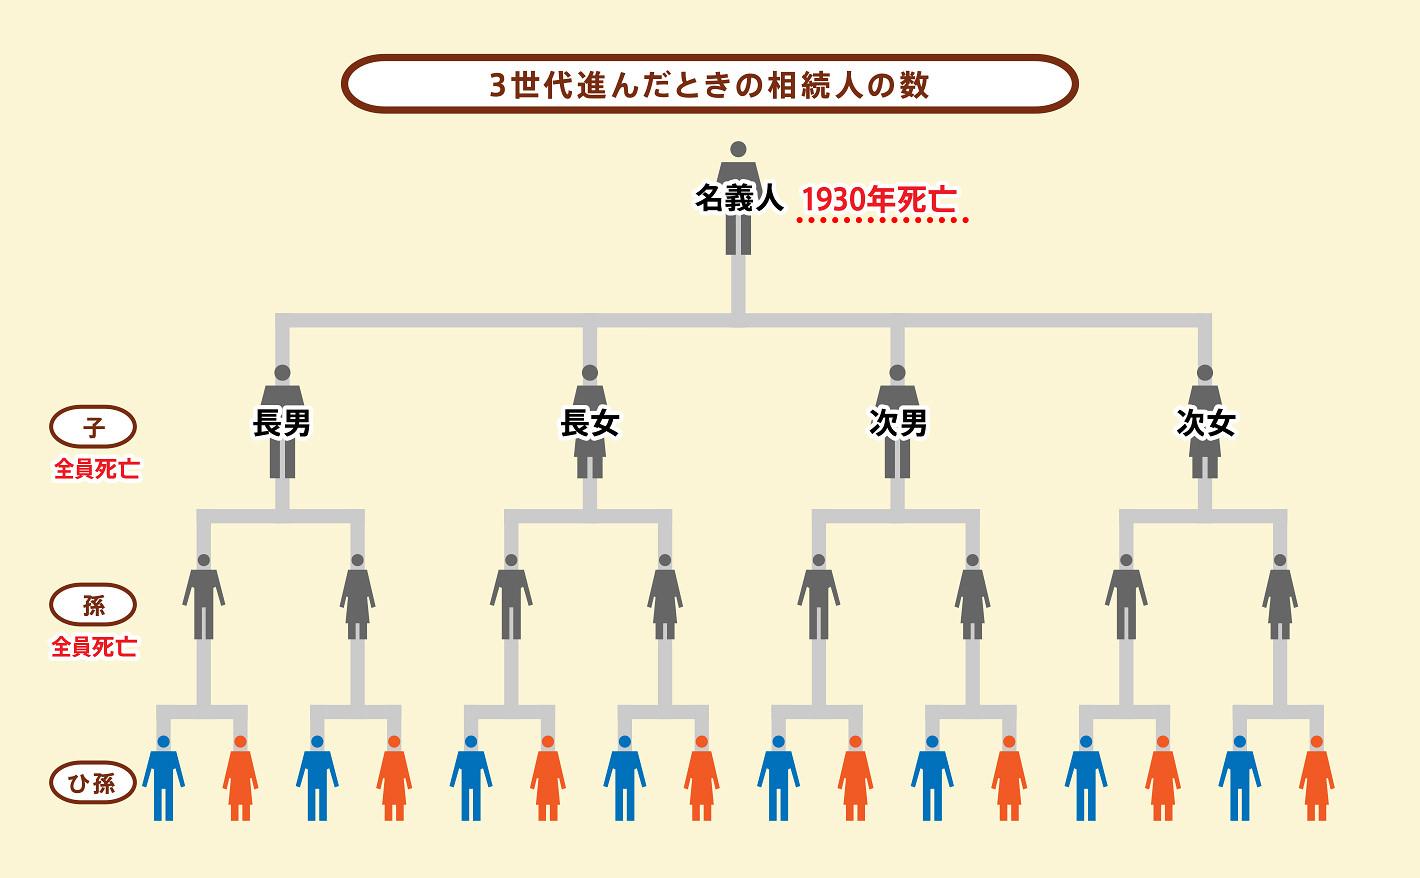 3世代進んだときの相続人の数